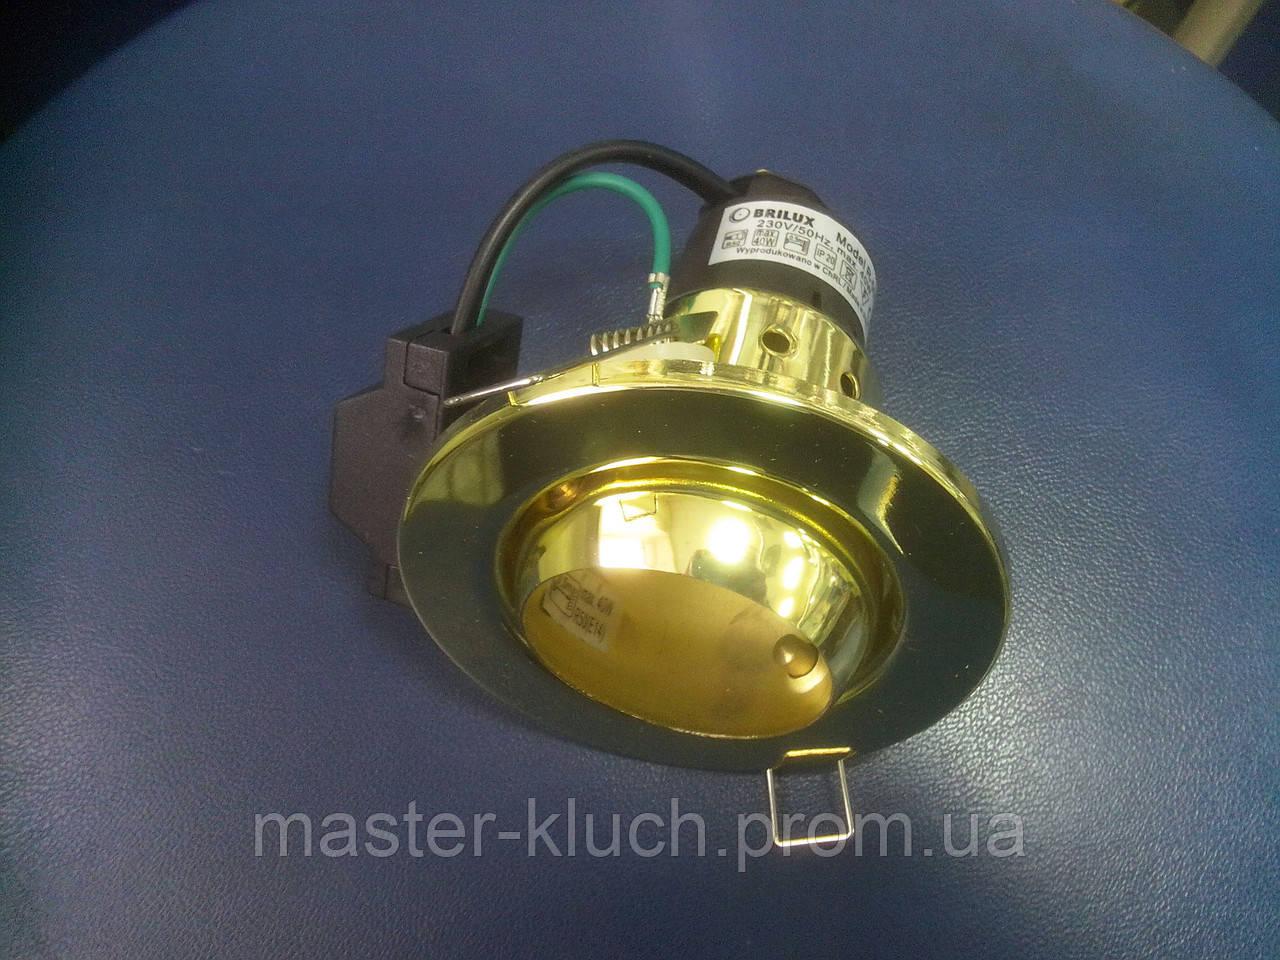 Светильник точечный поворотный BRILUM R-50R латунь